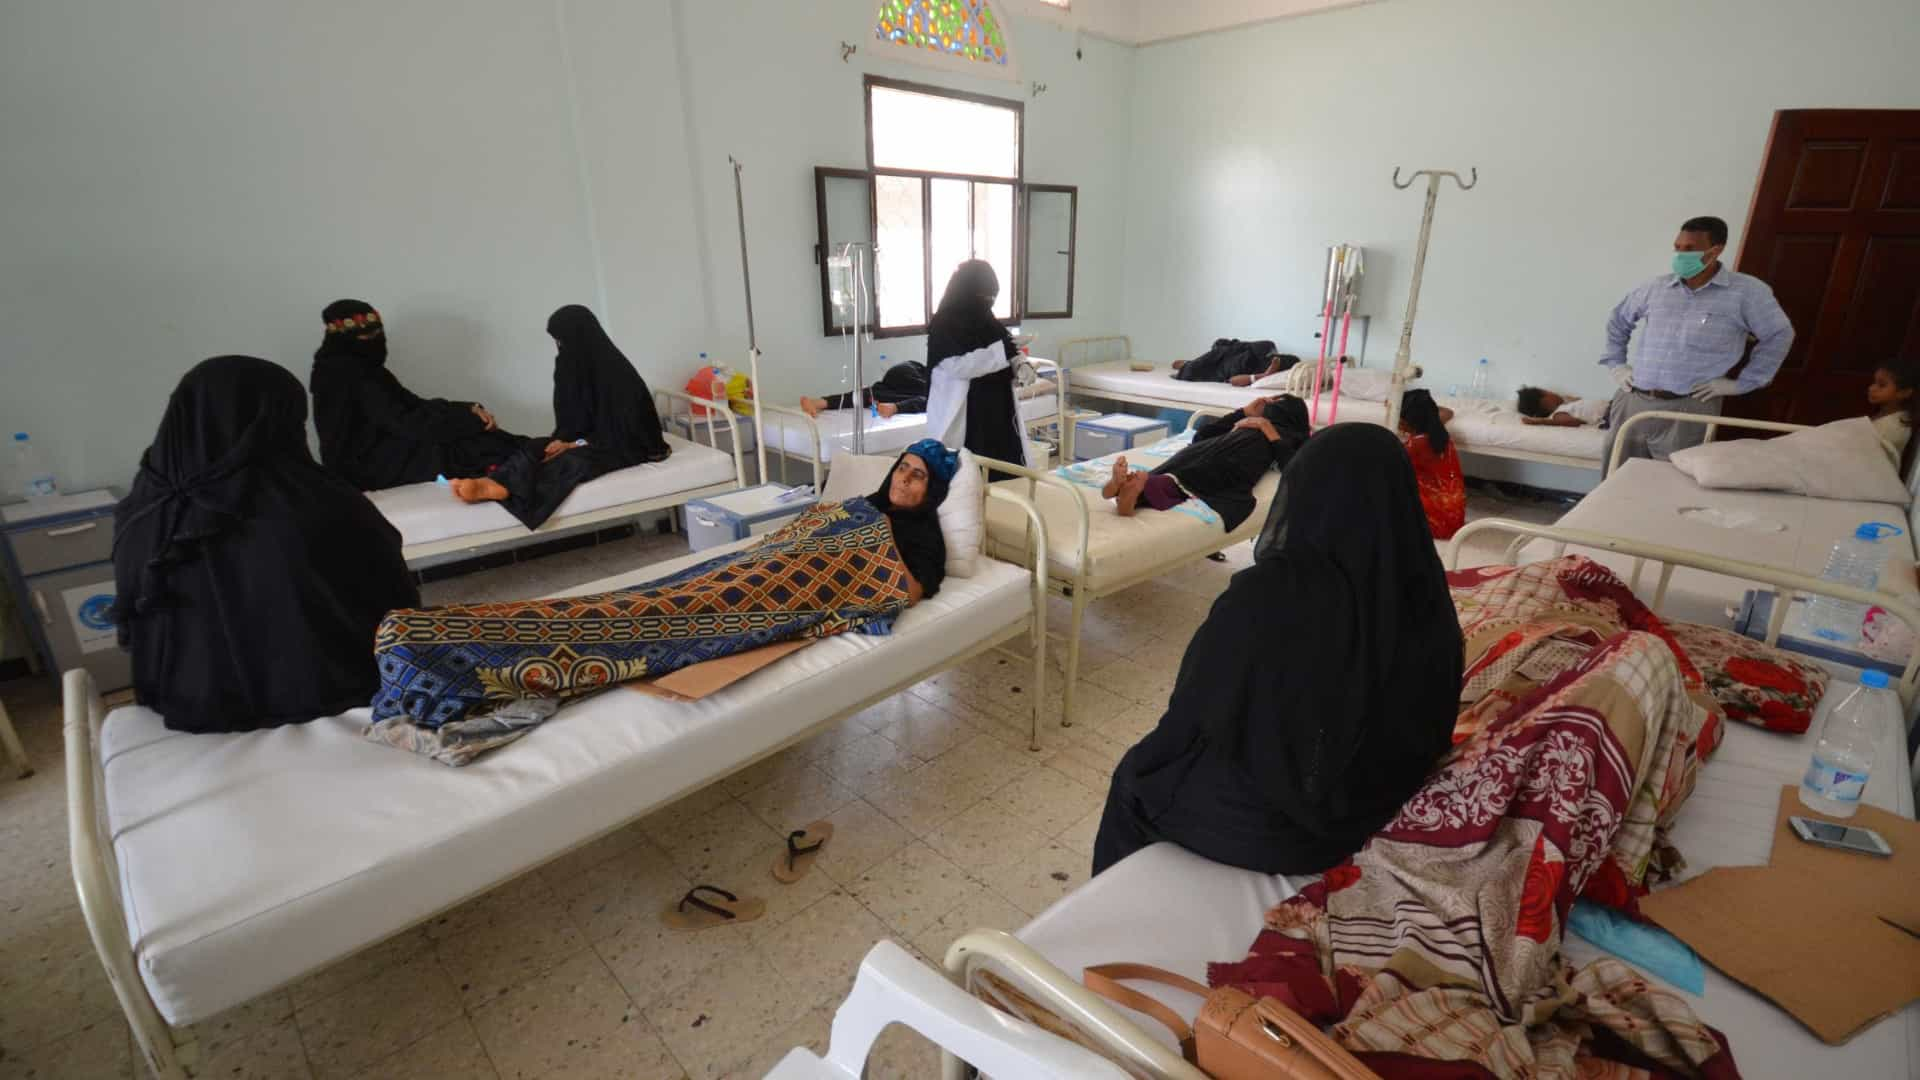 Epidemia de cólera já matou 1.146 pessoas no Iémen